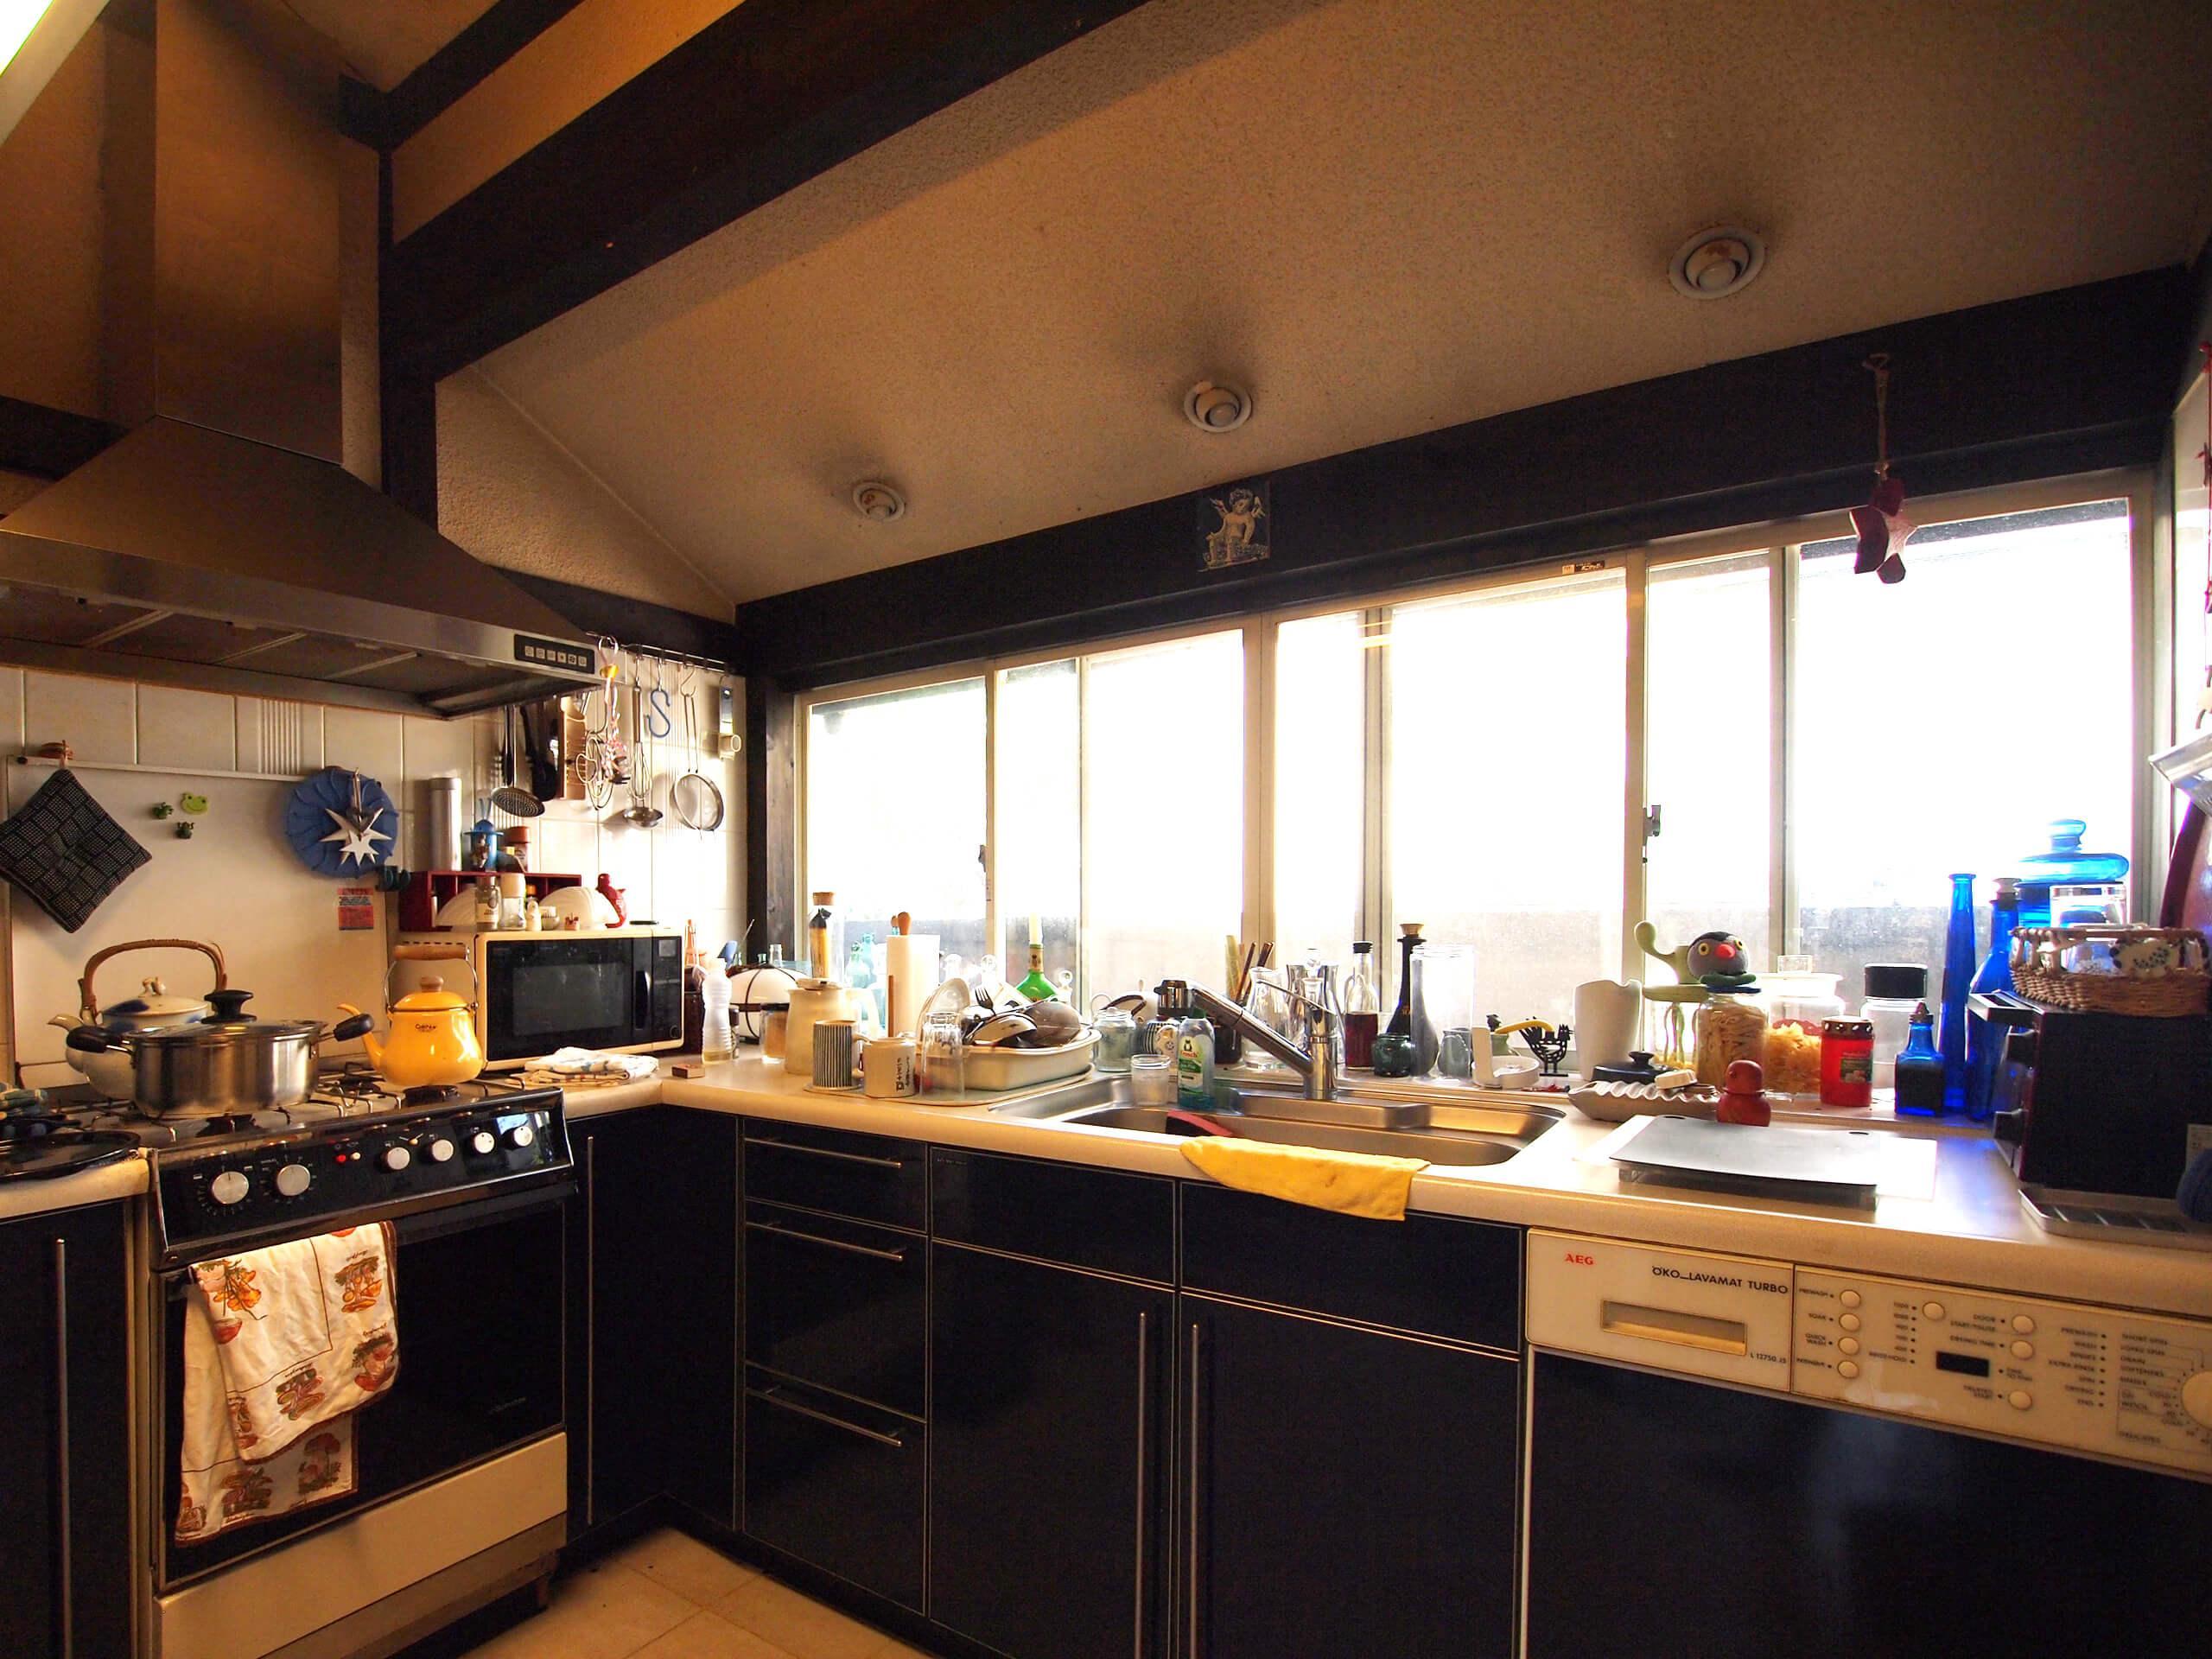 【キッチン】キッチン台に洗濯機が設置されたアメリカンスタイル